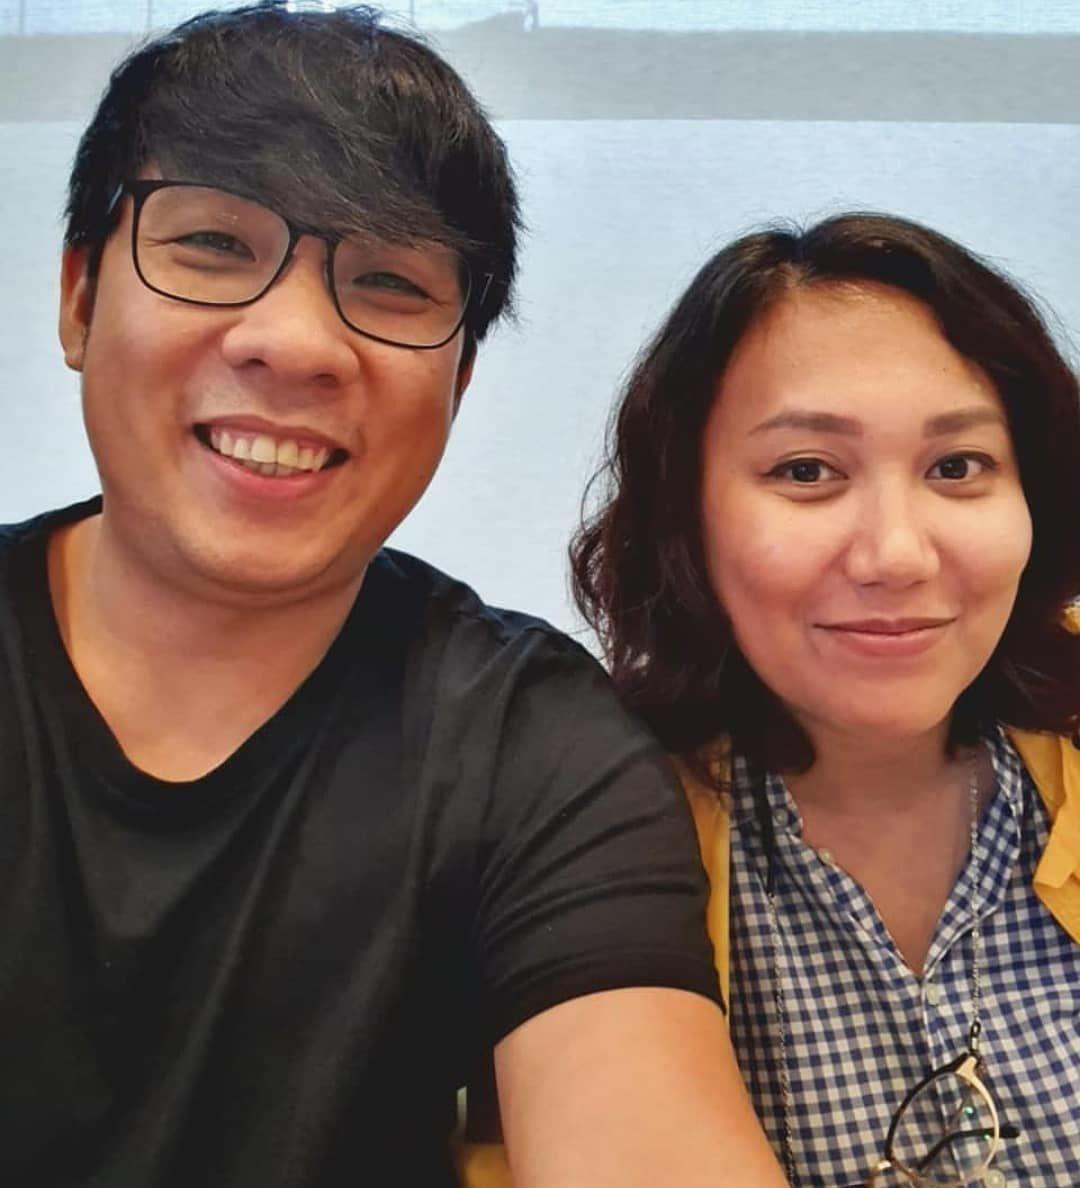 Lanjutkan Kisah Dara dan Bima, Dua Garis Biru 2 Siap Tayang di 2021